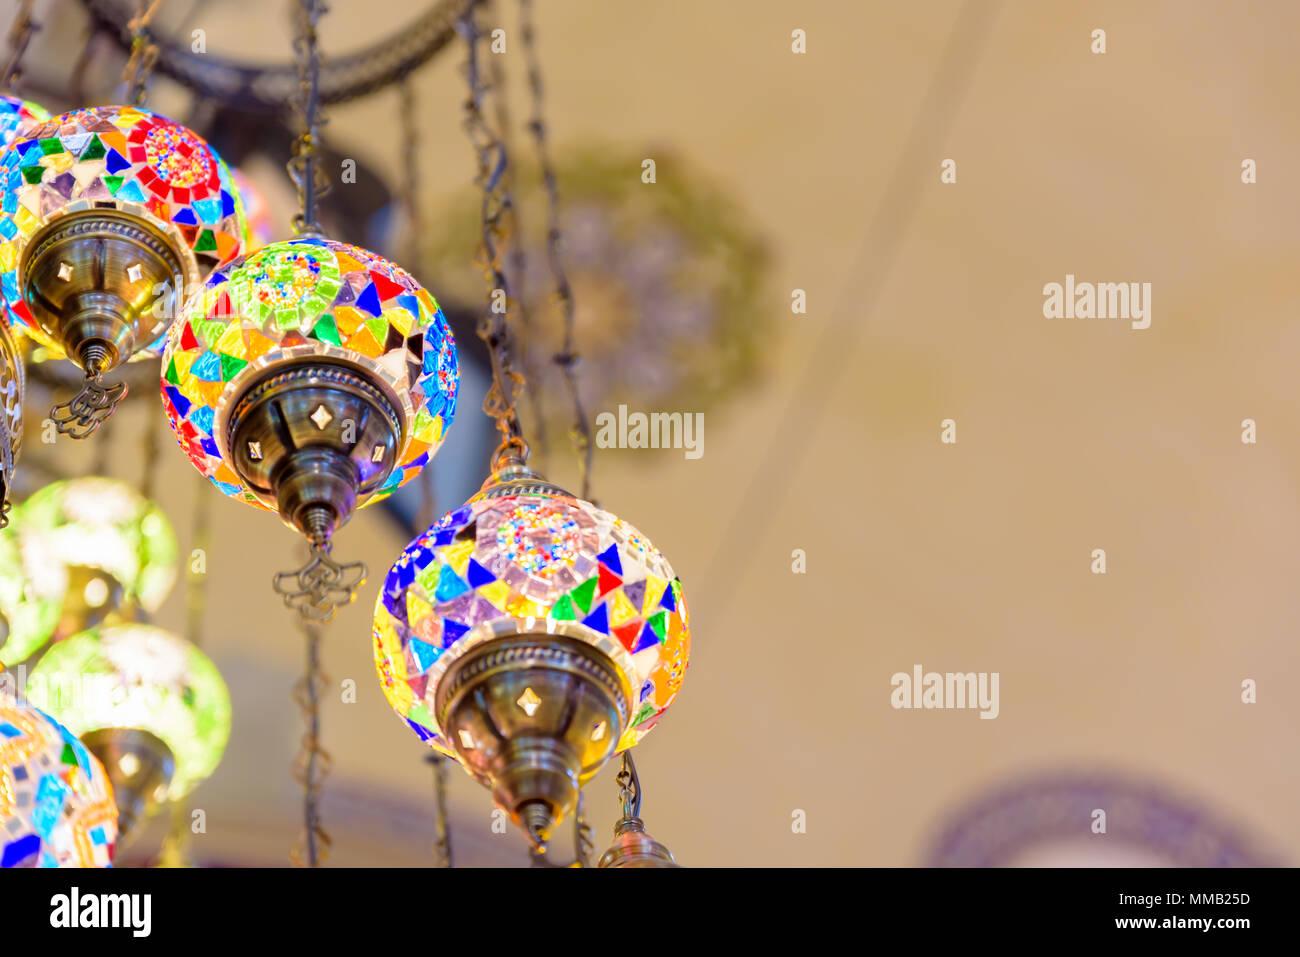 Sfocata colorato tradizionale artigianale di Bagno Turco lampade e ...